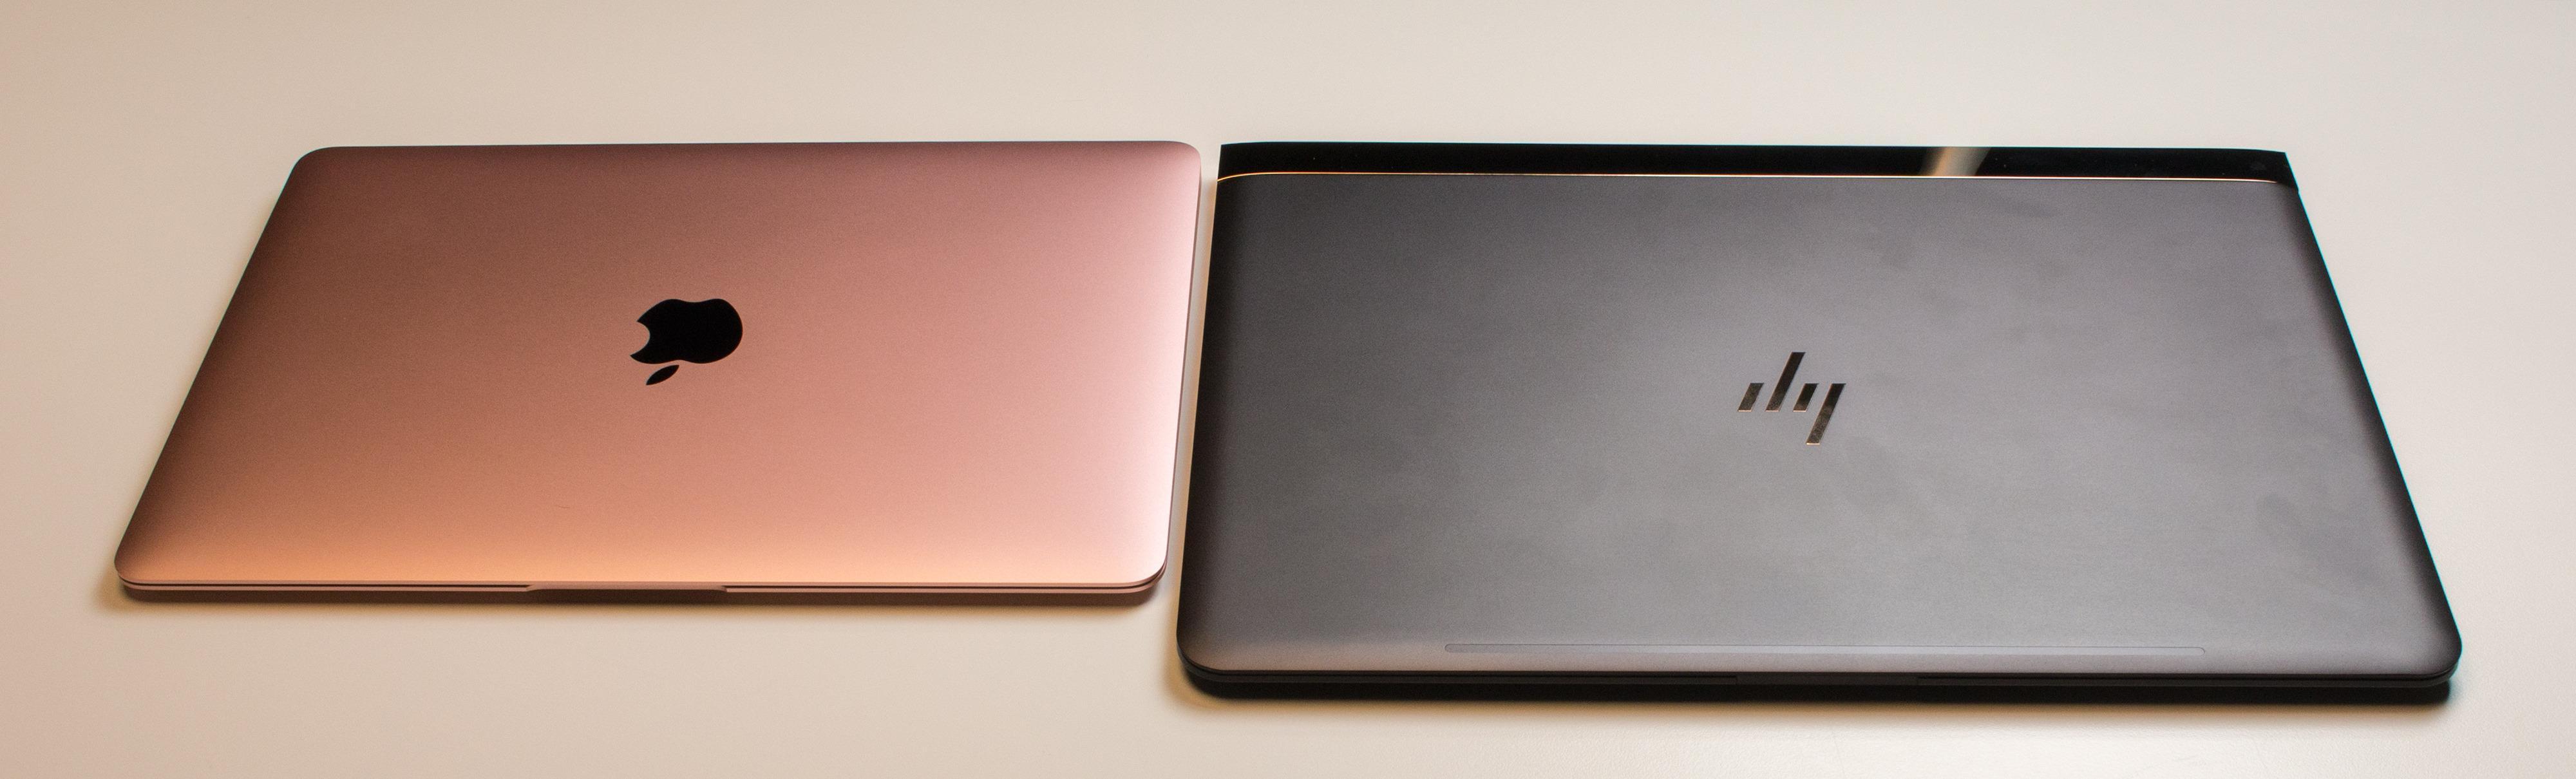 MacBook er mer kompakt, men har også en mindre skjerm enn Spectre 13.